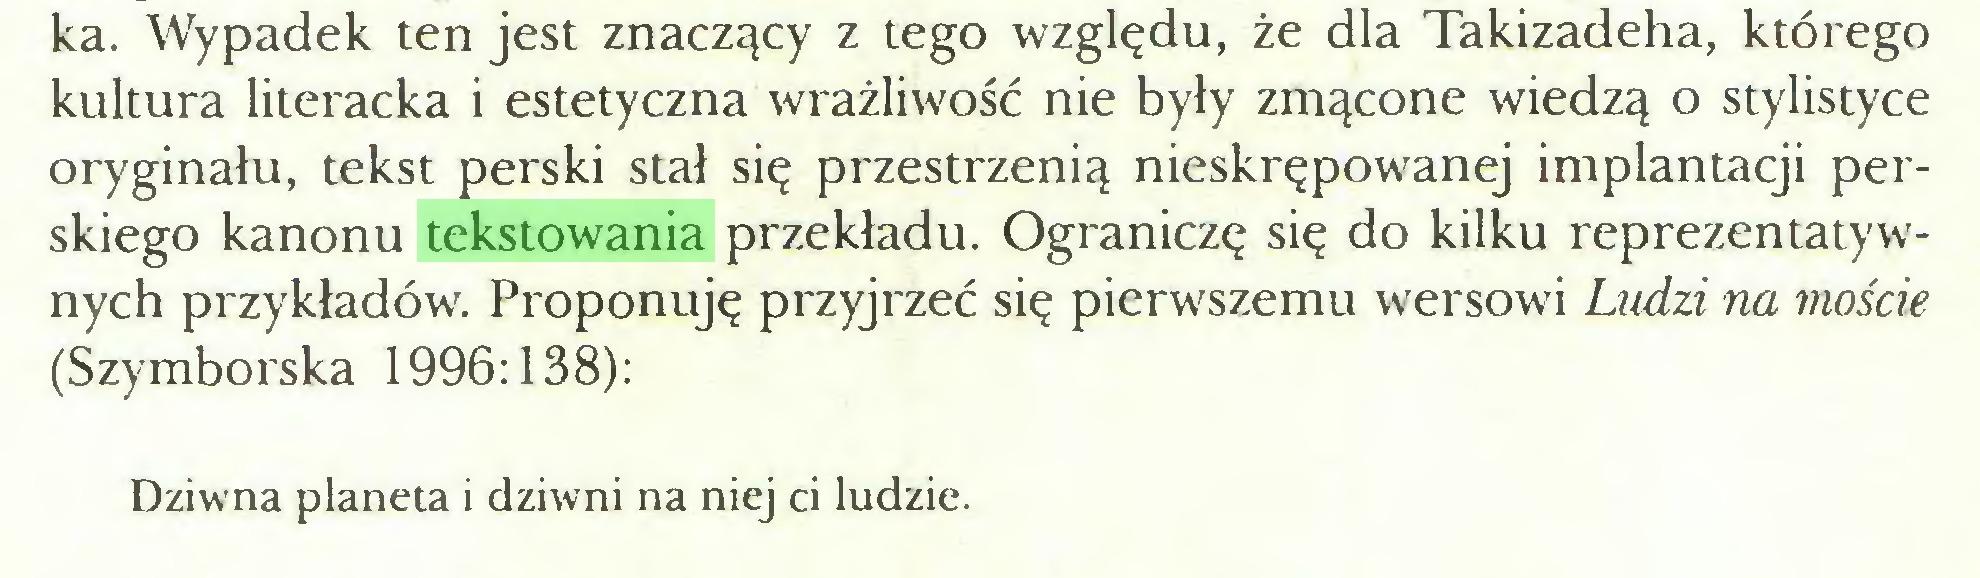 (...) ka. Wypadek ten jest znaczący z tego względu, że dla Takizadeha, którego kultura literacka i estetyczna wrażliwość nie były zmącone wiedzą o stylistyce oryginału, tekst perski stał się przestrzenią nieskrępowanej implantacji perskiego kanonu tekstowania przekładu. Ograniczę się do kilku reprezentatywnych przykładów. Proponuję przyjrzeć się pierwszemu wersowi Ludzi na moście (Szymborska 1996:138): Dziwna planeta i dziwni na niej ci ludzie...